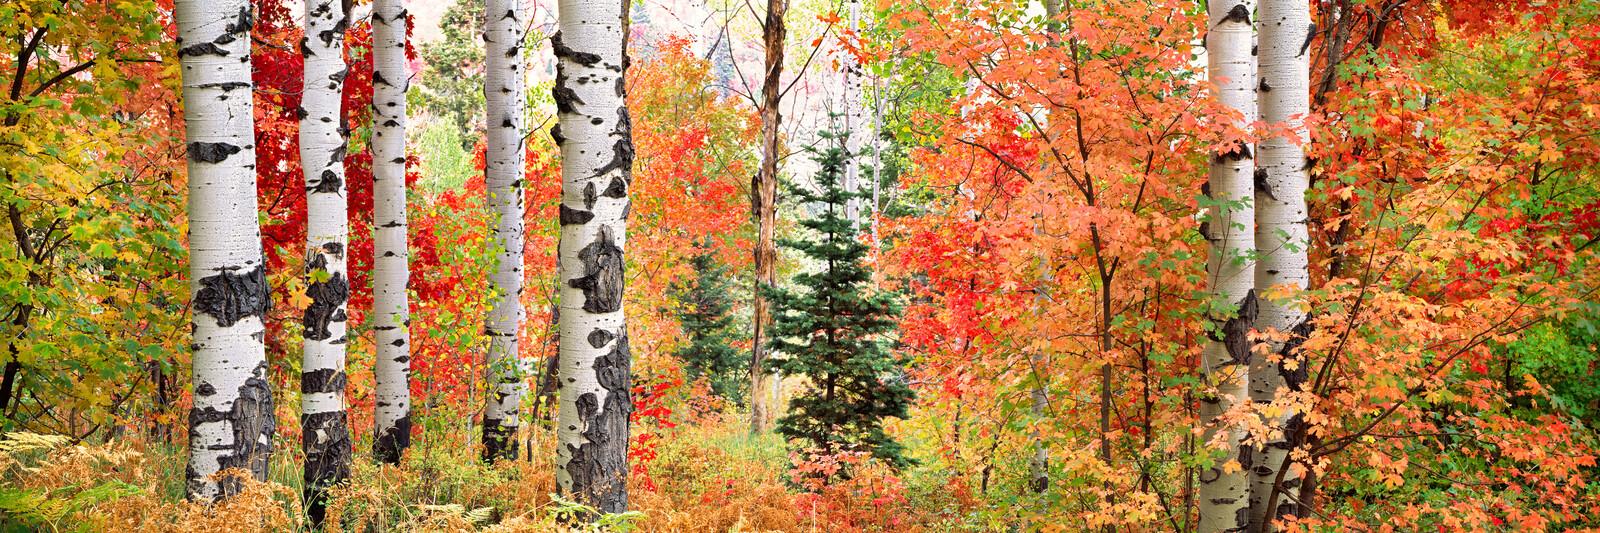 Autumn Sunlight - Steven Friedman